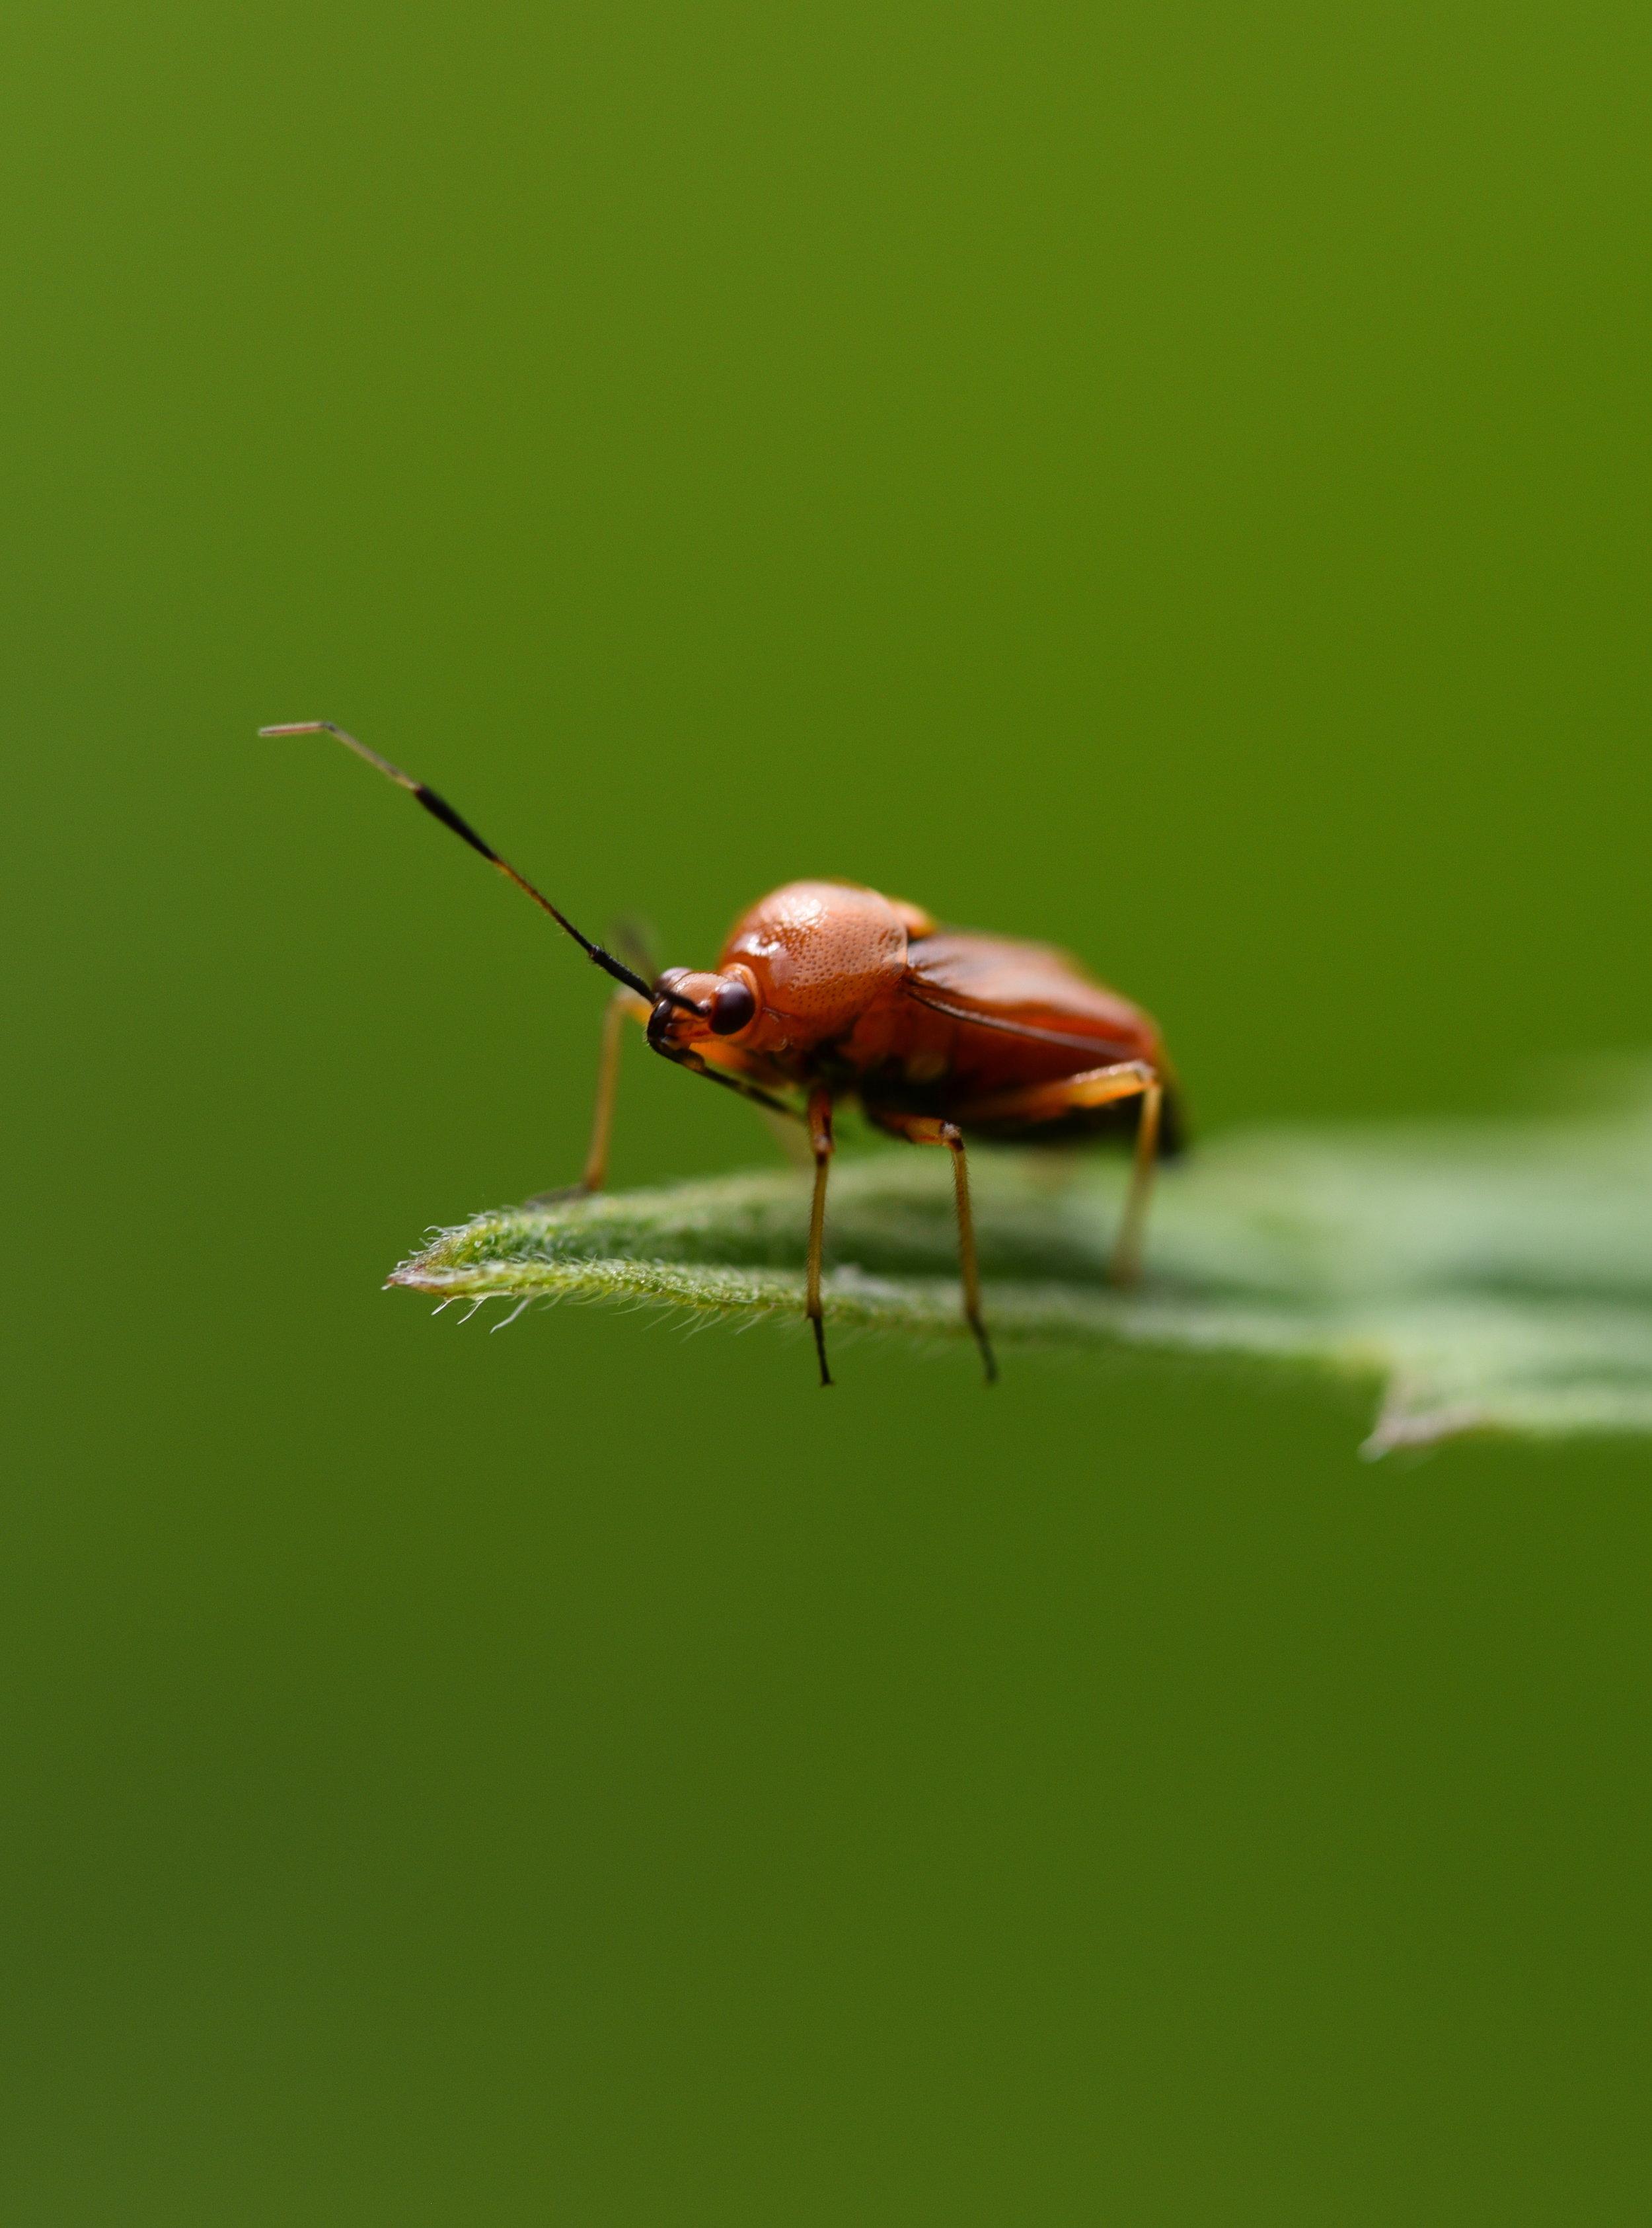 MACRO. NATURFOTOGRAFIE - Eine ausgedehnten Fotodatenbank zur heimischen Flora und Fauna bietet Einblicke in die Details einer filigranen Welt.